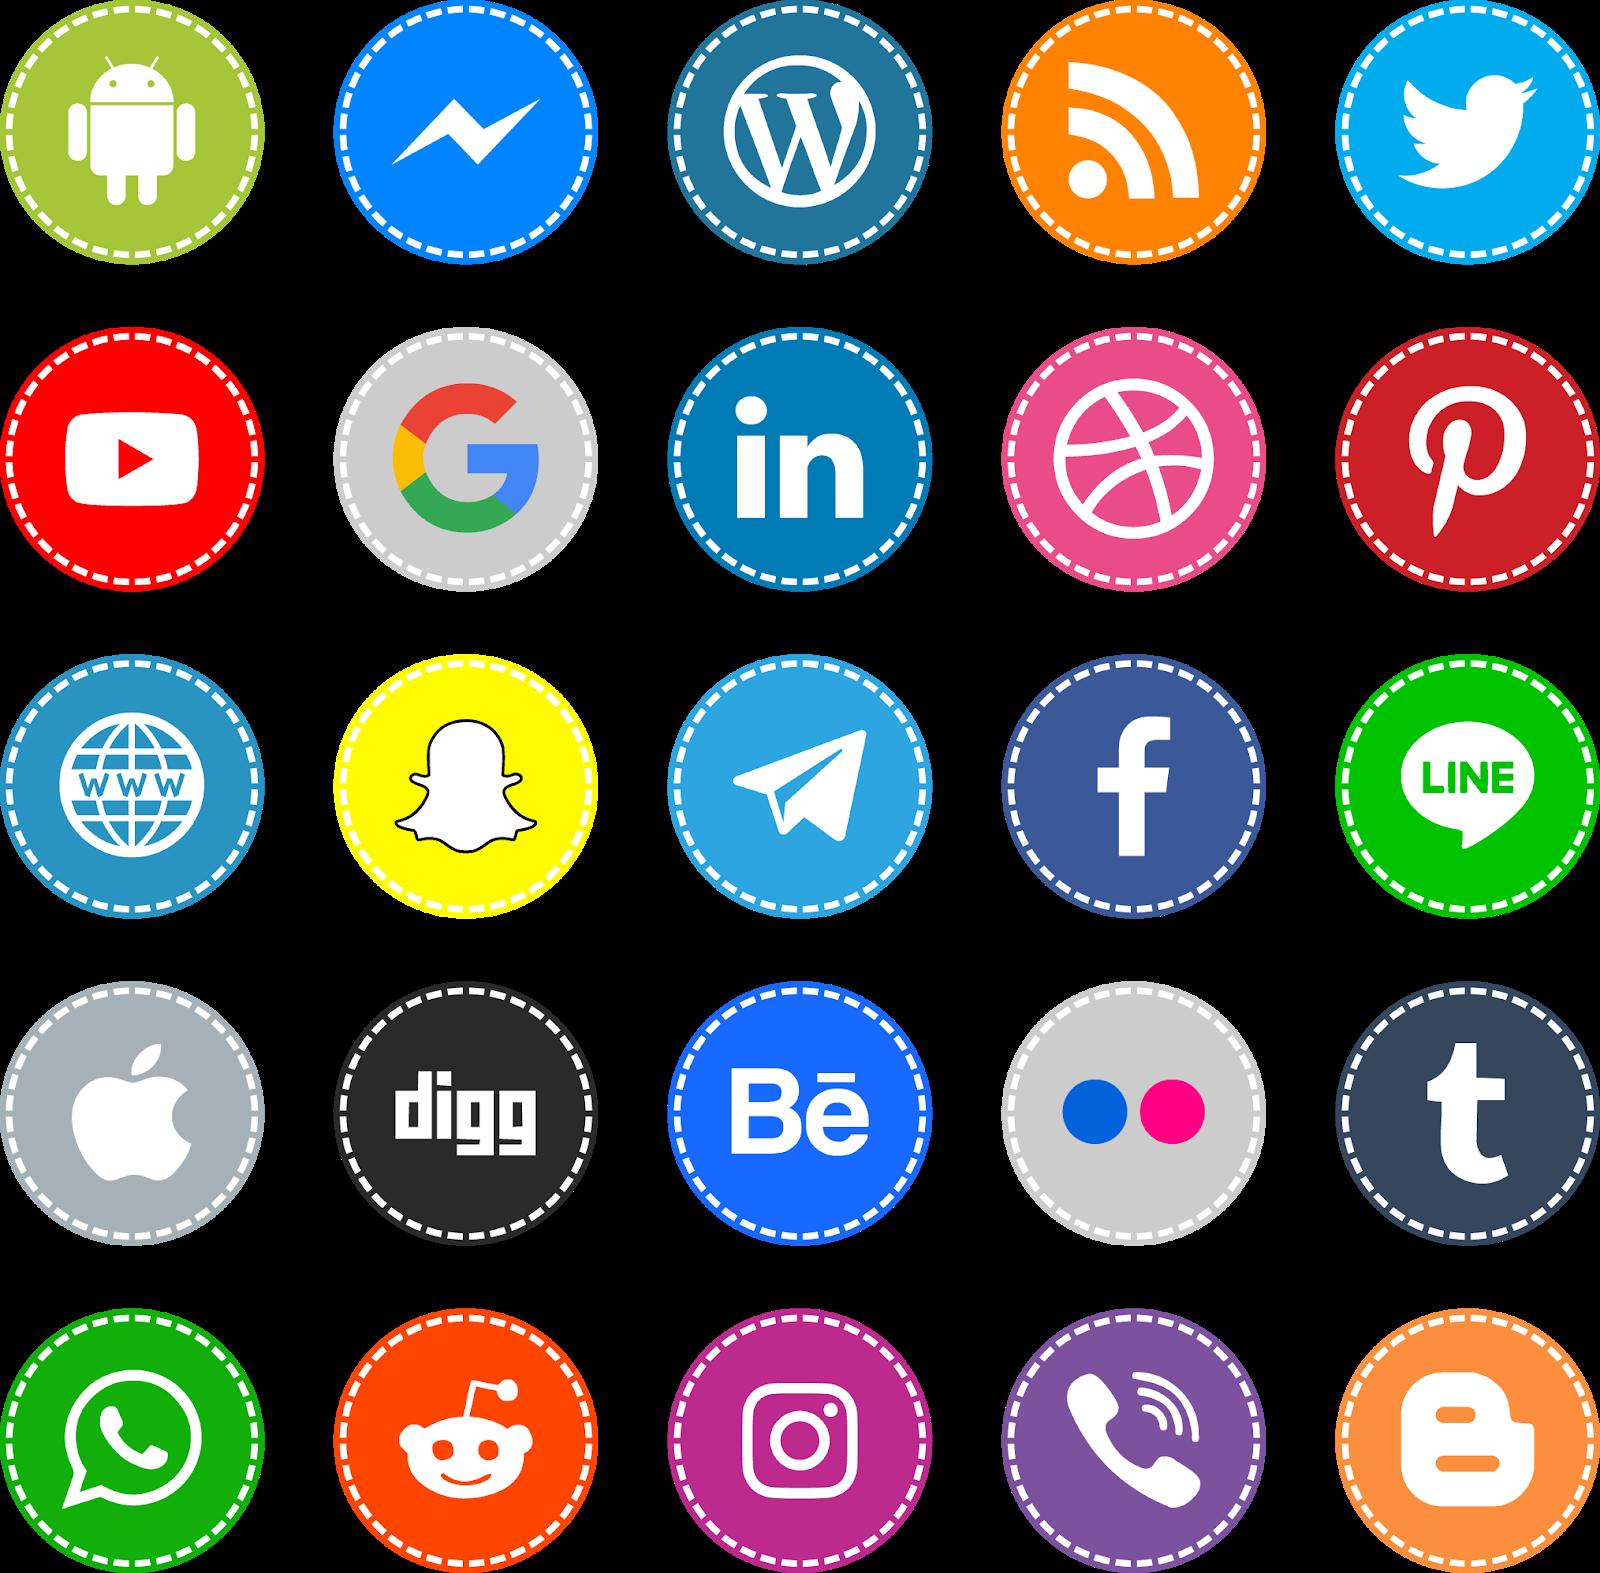 Download Font Icons Social Media 16 Color Ttf Otf - el fonts vectors